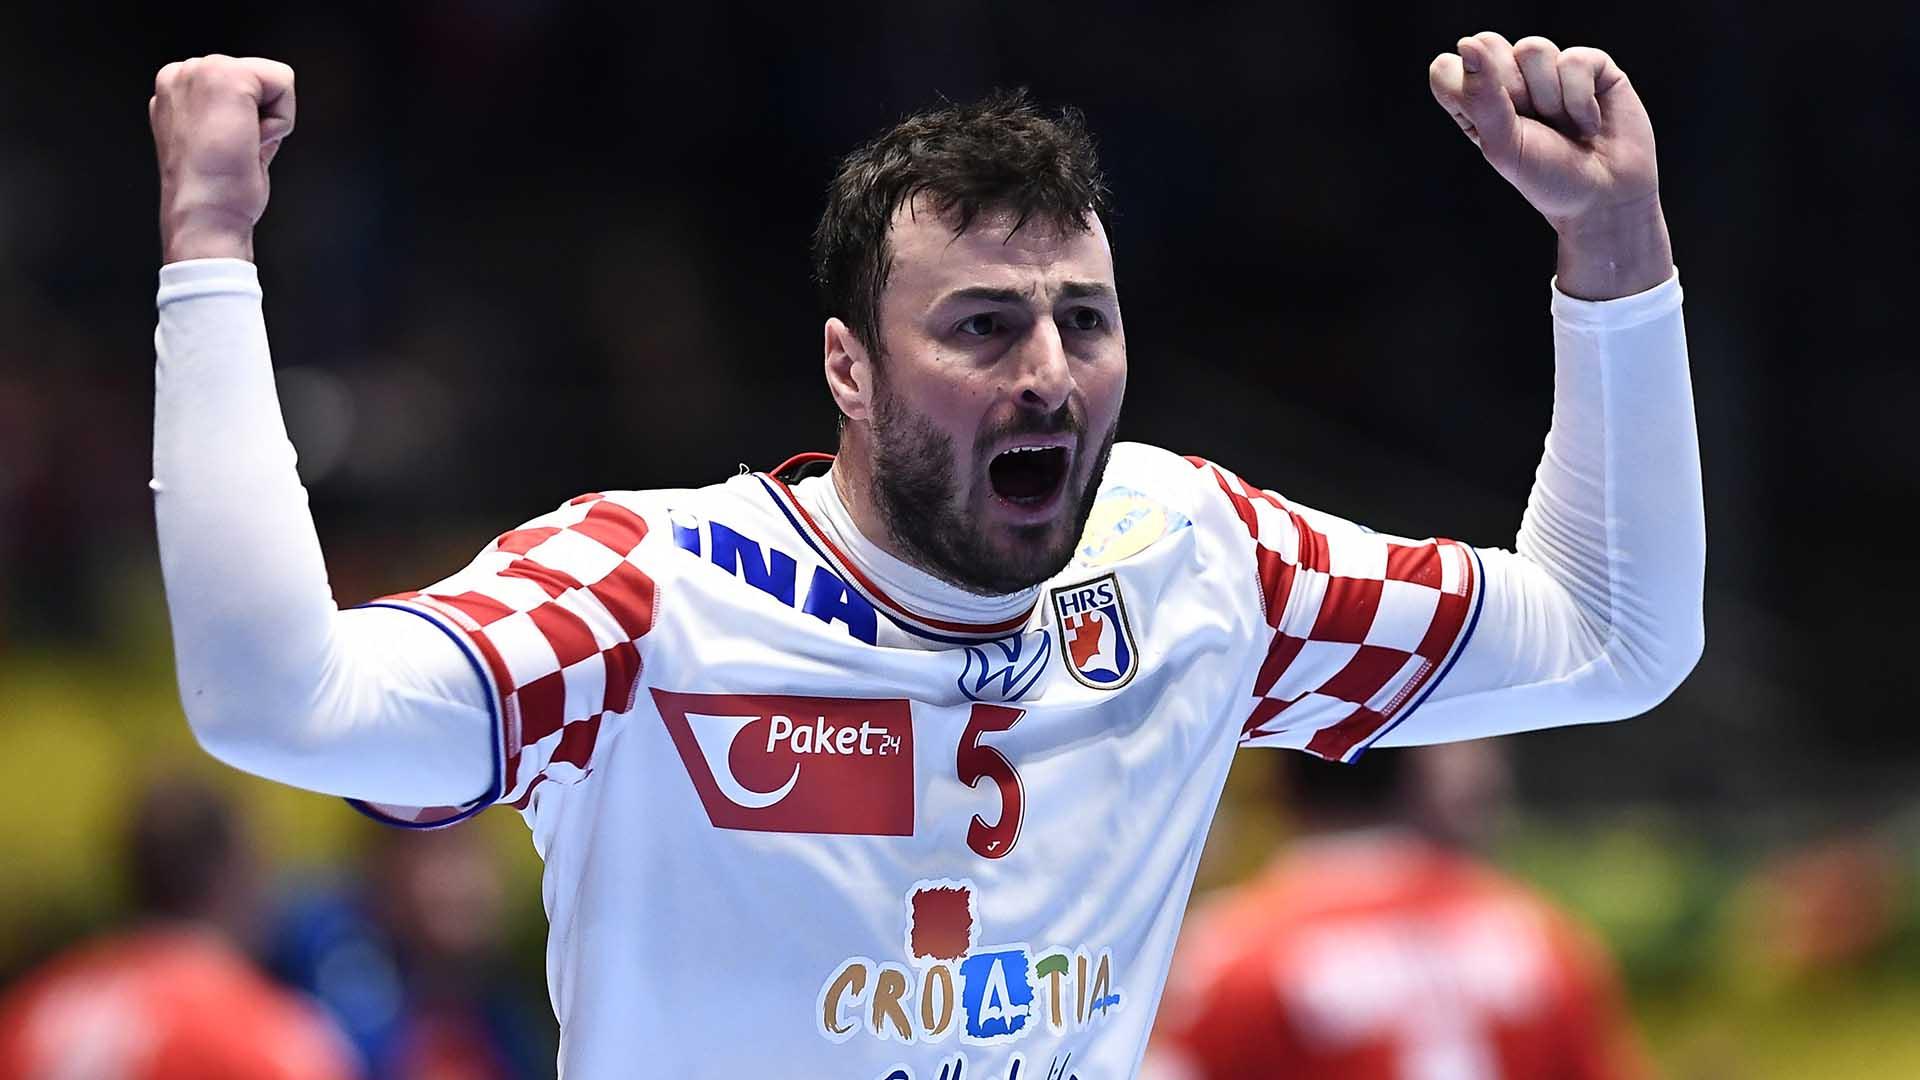 melhores jogadores de handebol do mundo Domagoj Duvnjak